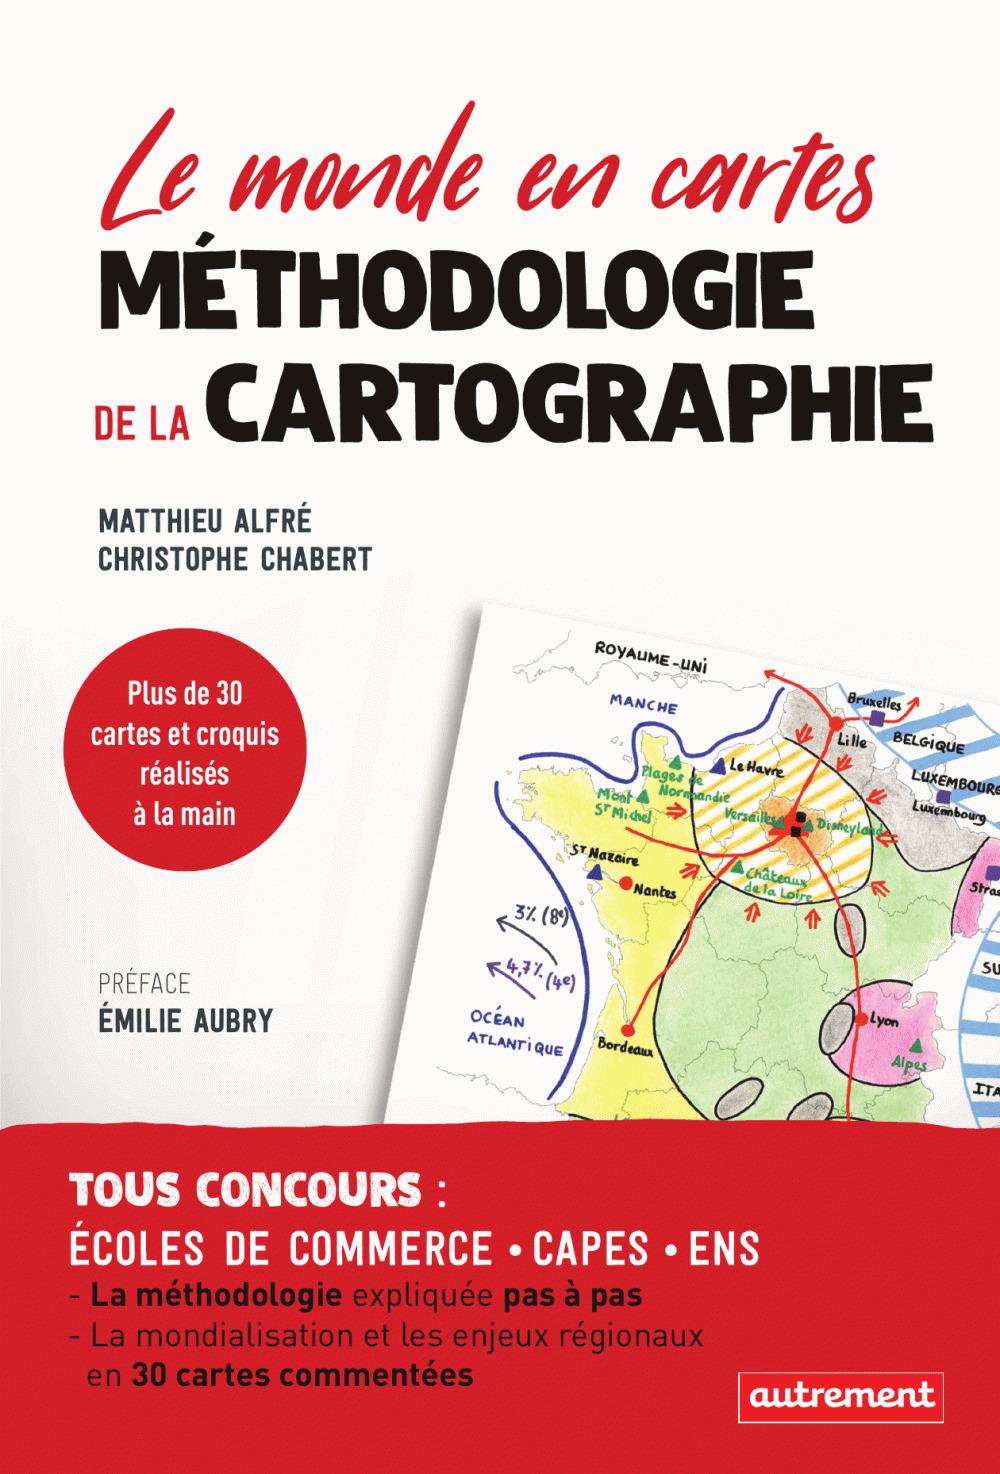 Méthodologie de la cartographie ; le monde en cartes